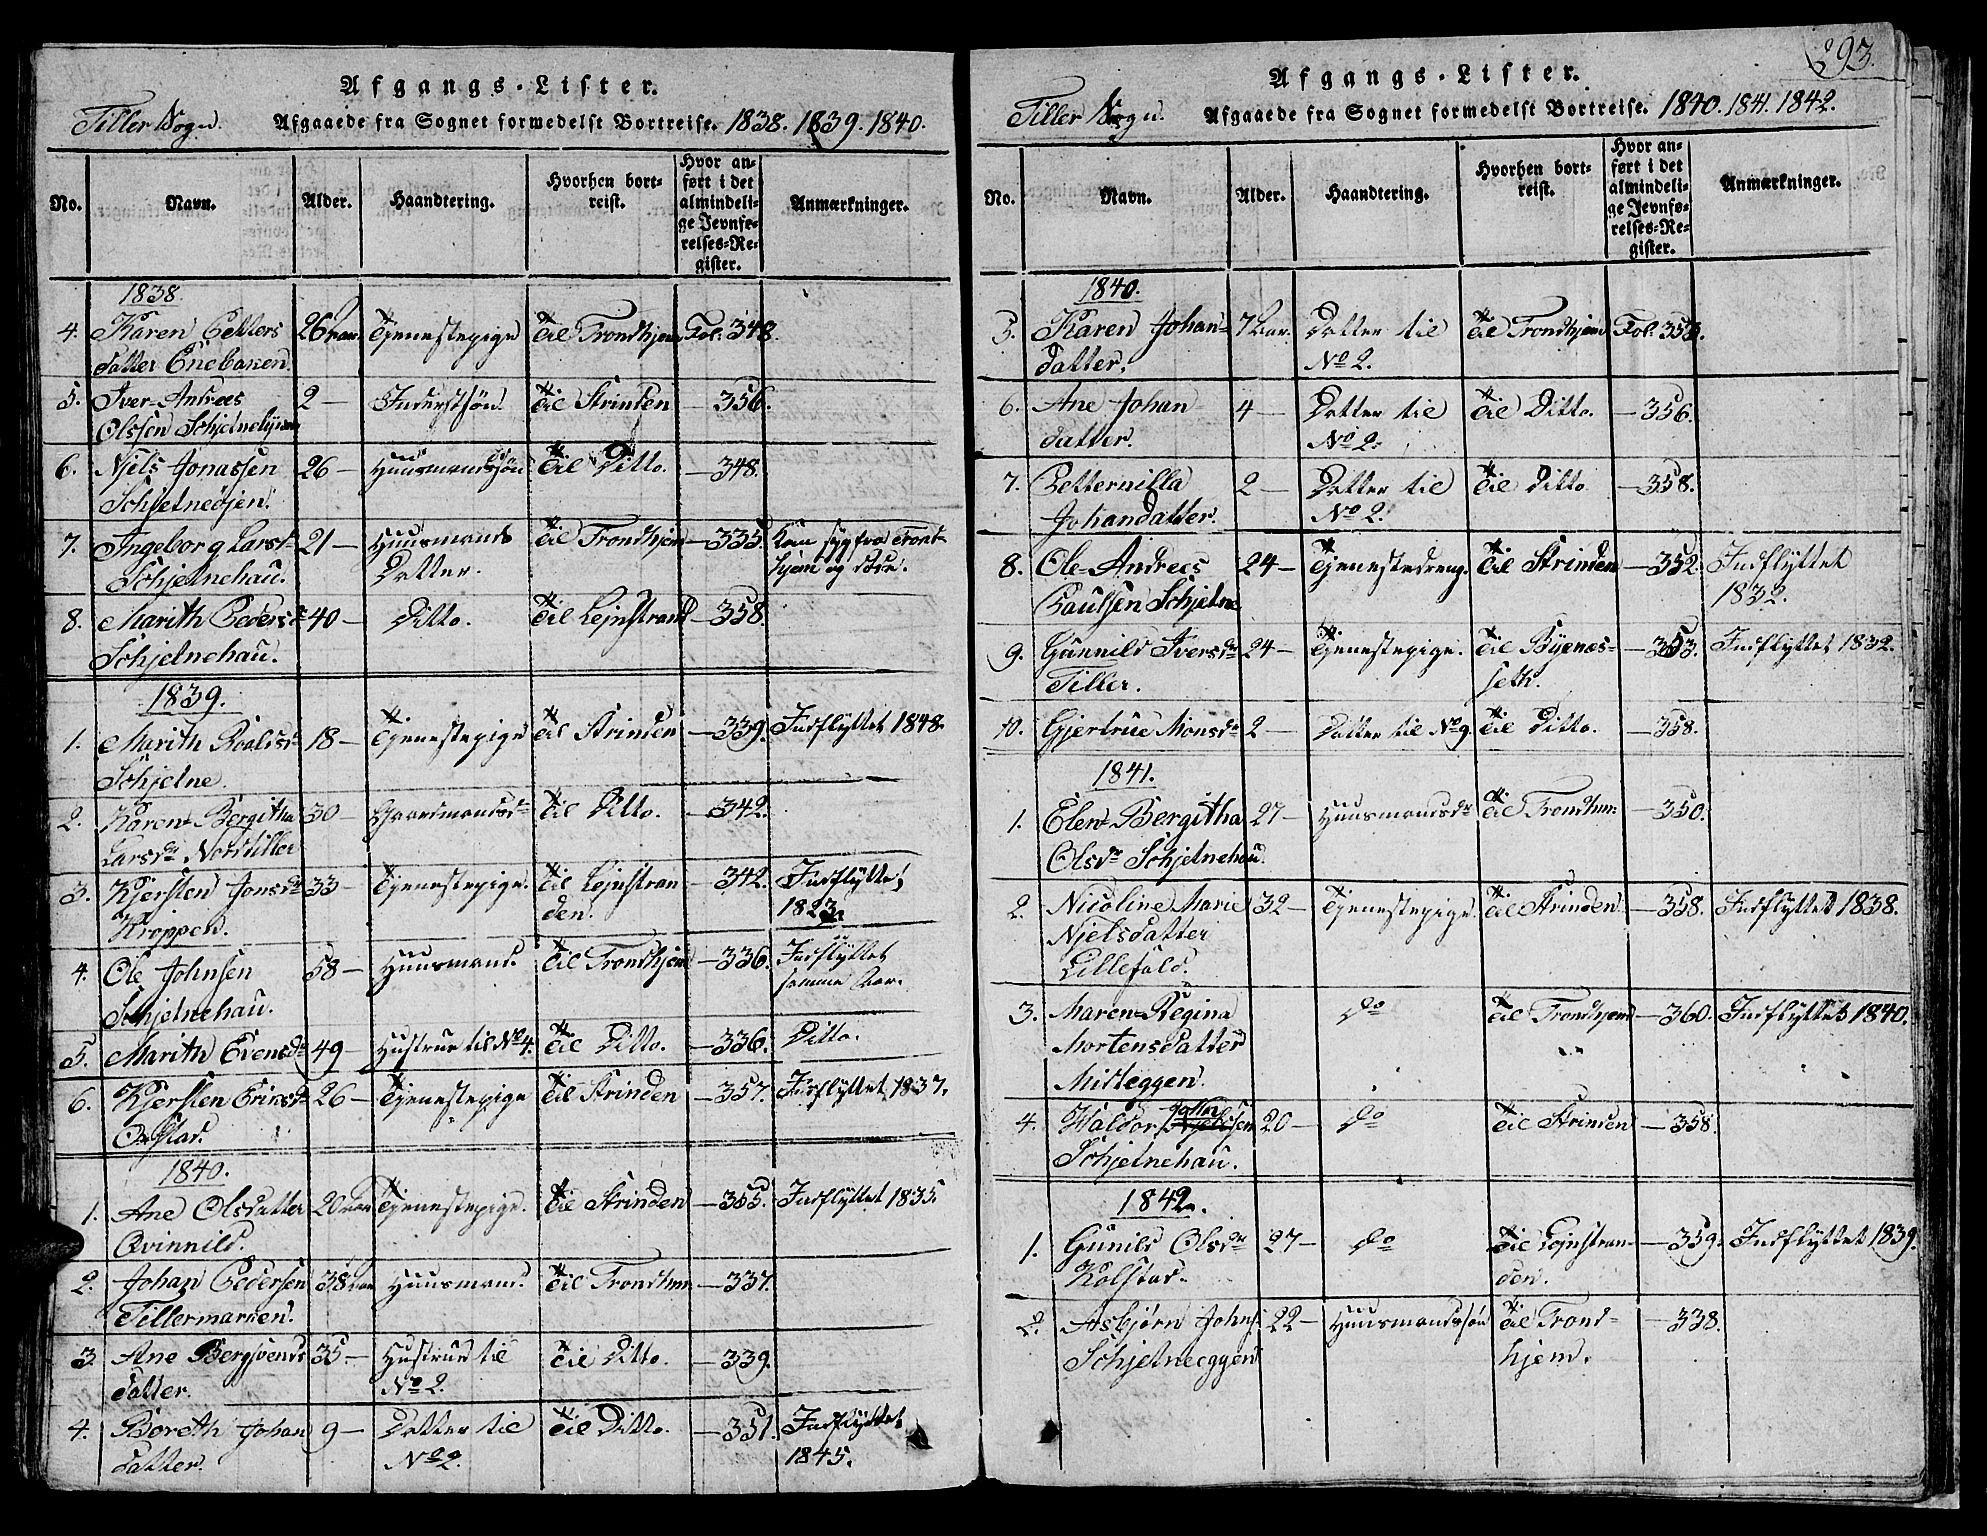 SAT, Ministerialprotokoller, klokkerbøker og fødselsregistre - Sør-Trøndelag, 621/L0458: Klokkerbok nr. 621C01, 1816-1865, s. 293